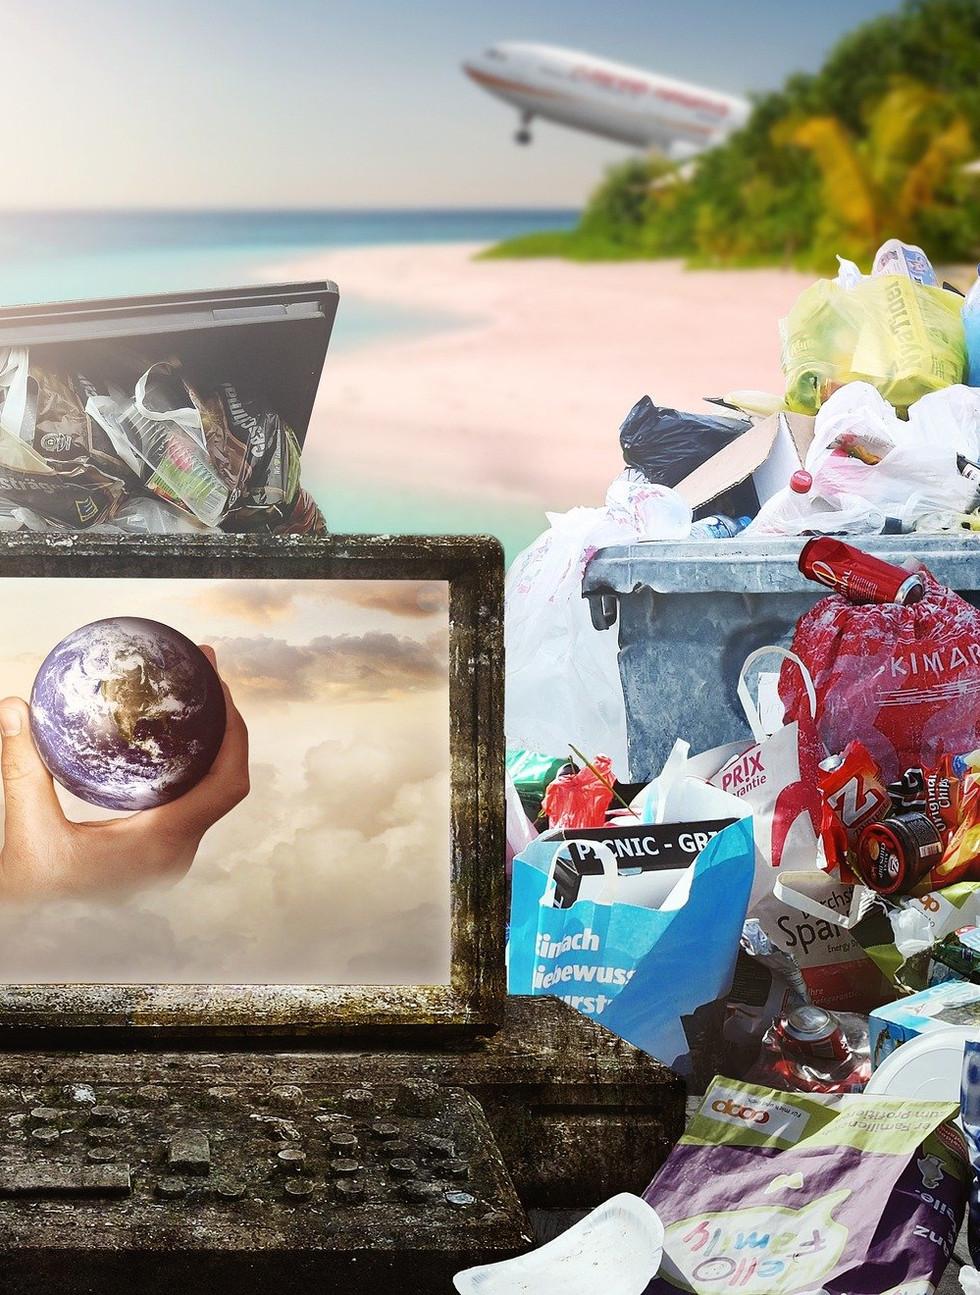 garbage-4277613_1920.jpg